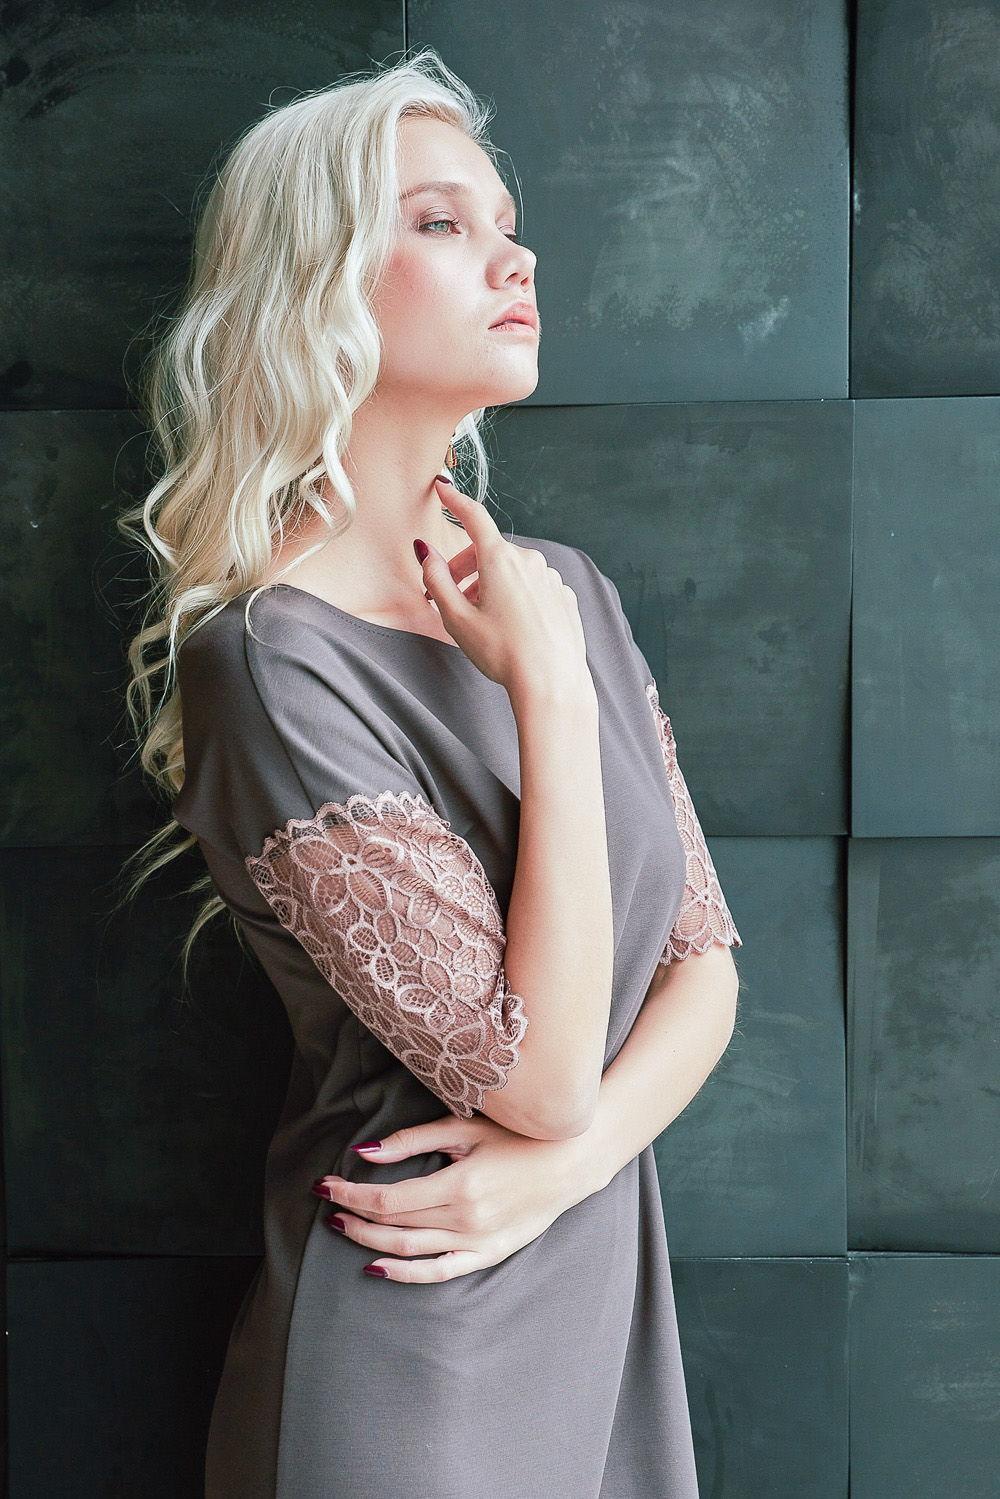 Платье З429а-824 - Женственное платье выполнено в пастельном цветовом оттенке. Кружевная отделка по низу спущенного рукава и глубокого V-образного выреза на спине подчеркивает утонченность женской красоты. Ассиметричный подол платья слегка прикрывает колени. А-силуэт, расширяющийся низ платья выигрышно демонстрирует достоинства женской фигуры.Платье вас выручит при любых событиях, когда требуется надеть стильный и красивый наряд